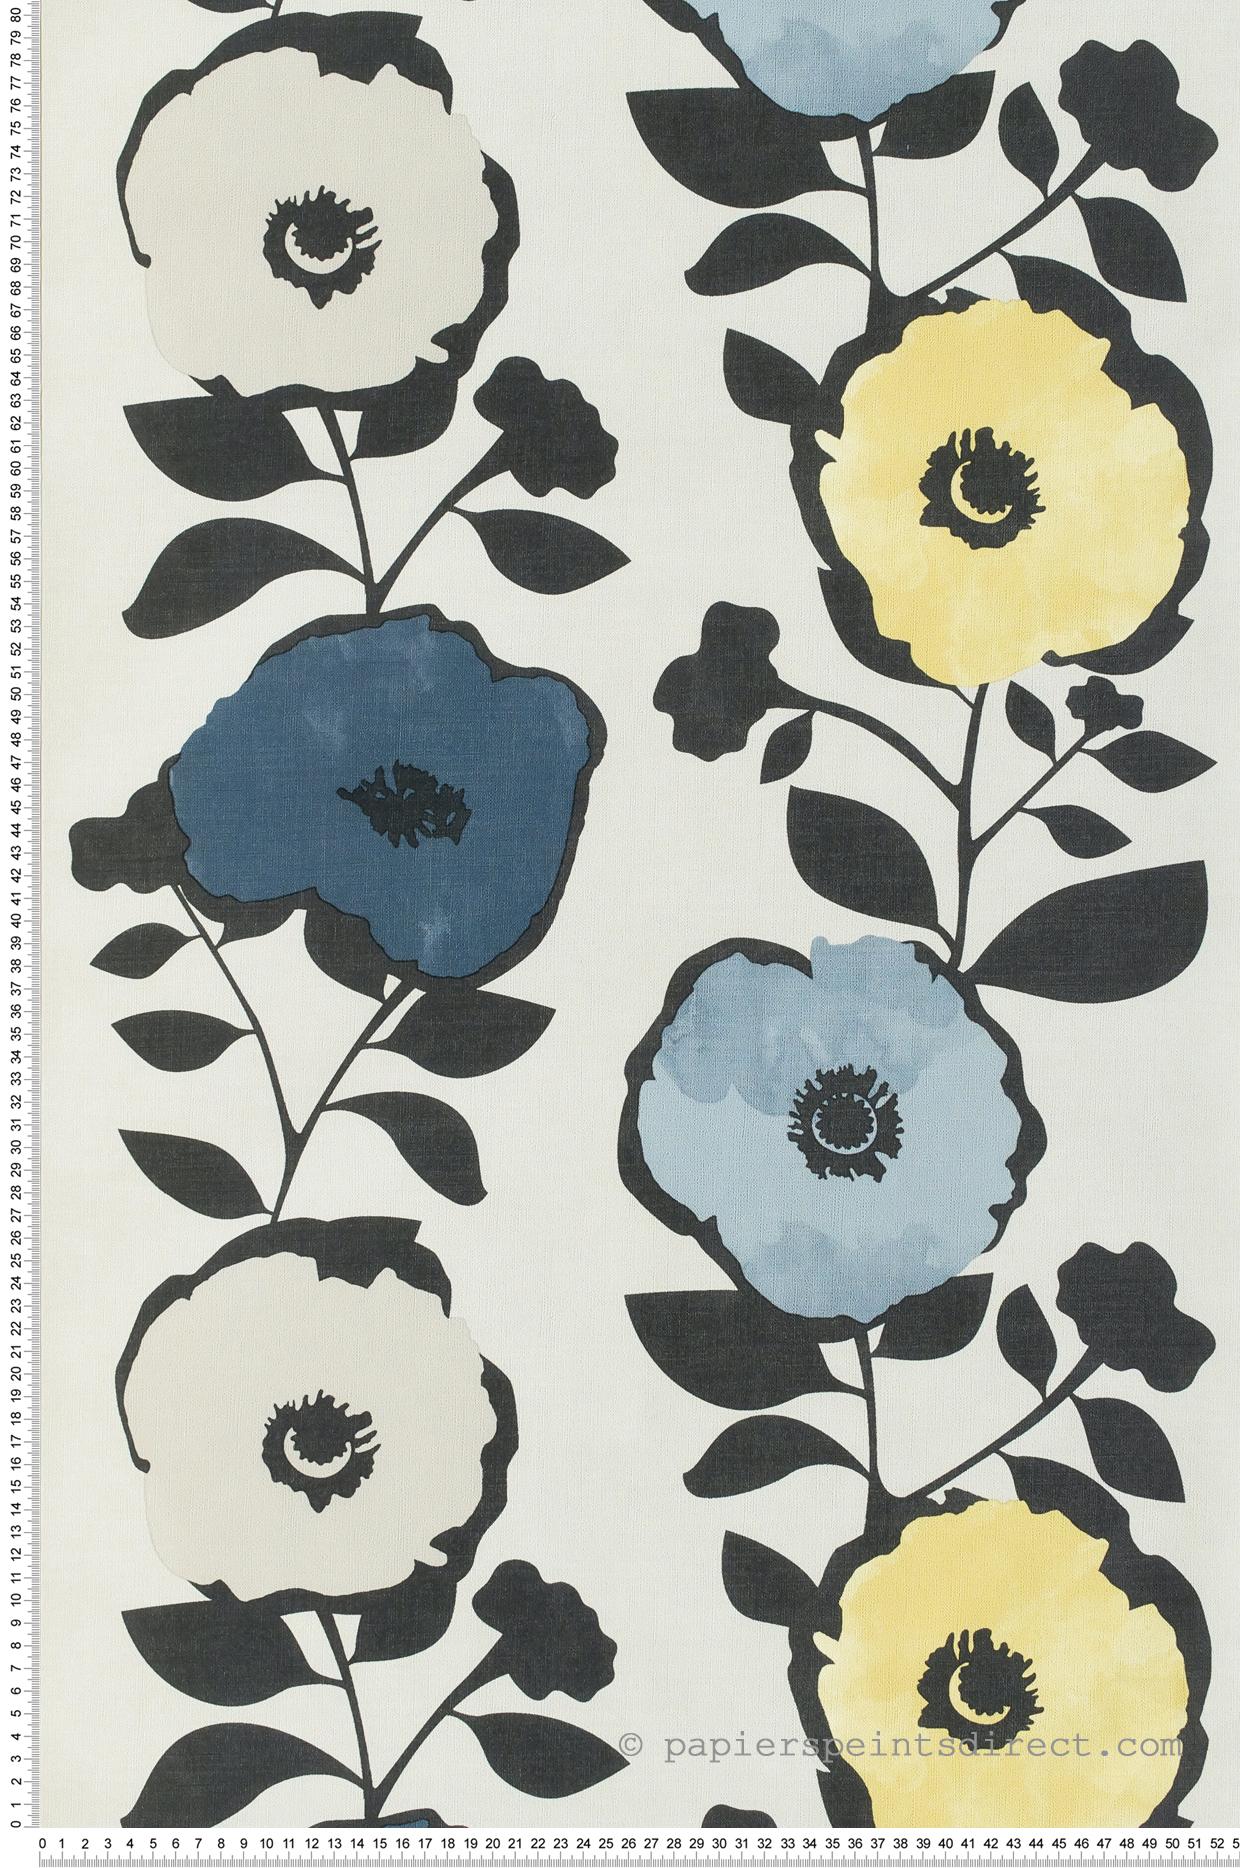 Papier peint Fleurs vintage jaune/bleu - Skandinavia 2 de Lutèce   Réf. LTC-51183702